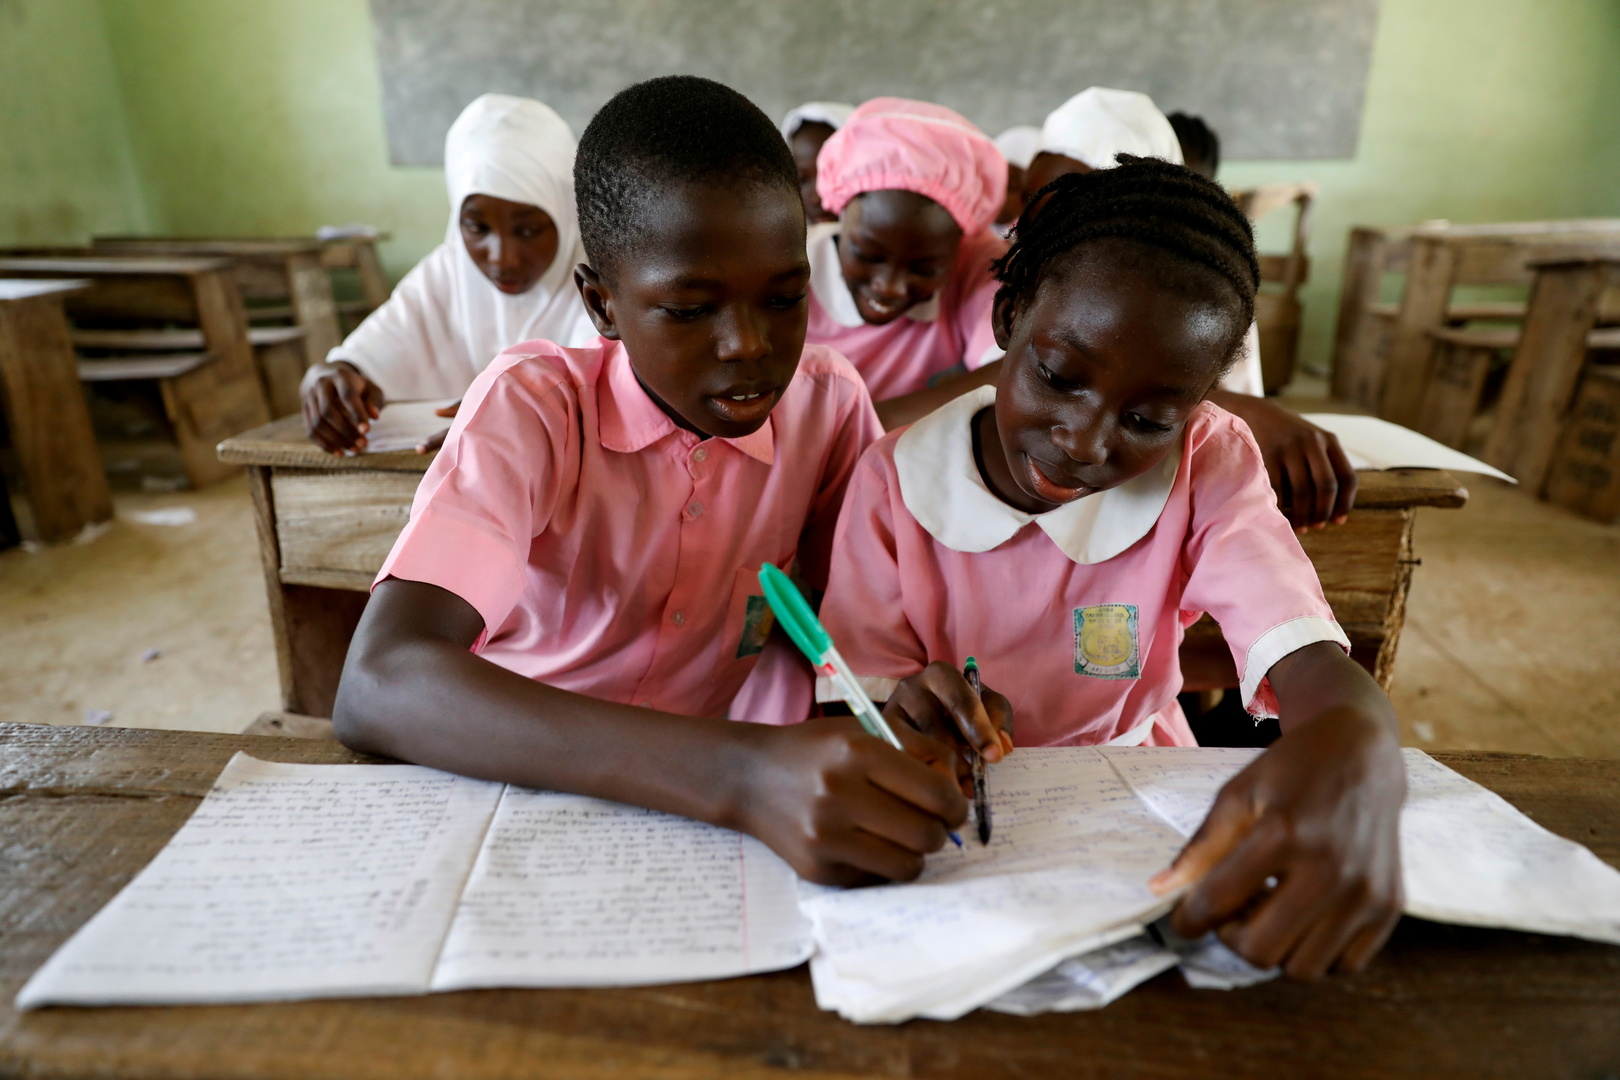 اليونيسف: إغلاق المدارس بسبب كورونا أثر على 1.6 مليار طالب